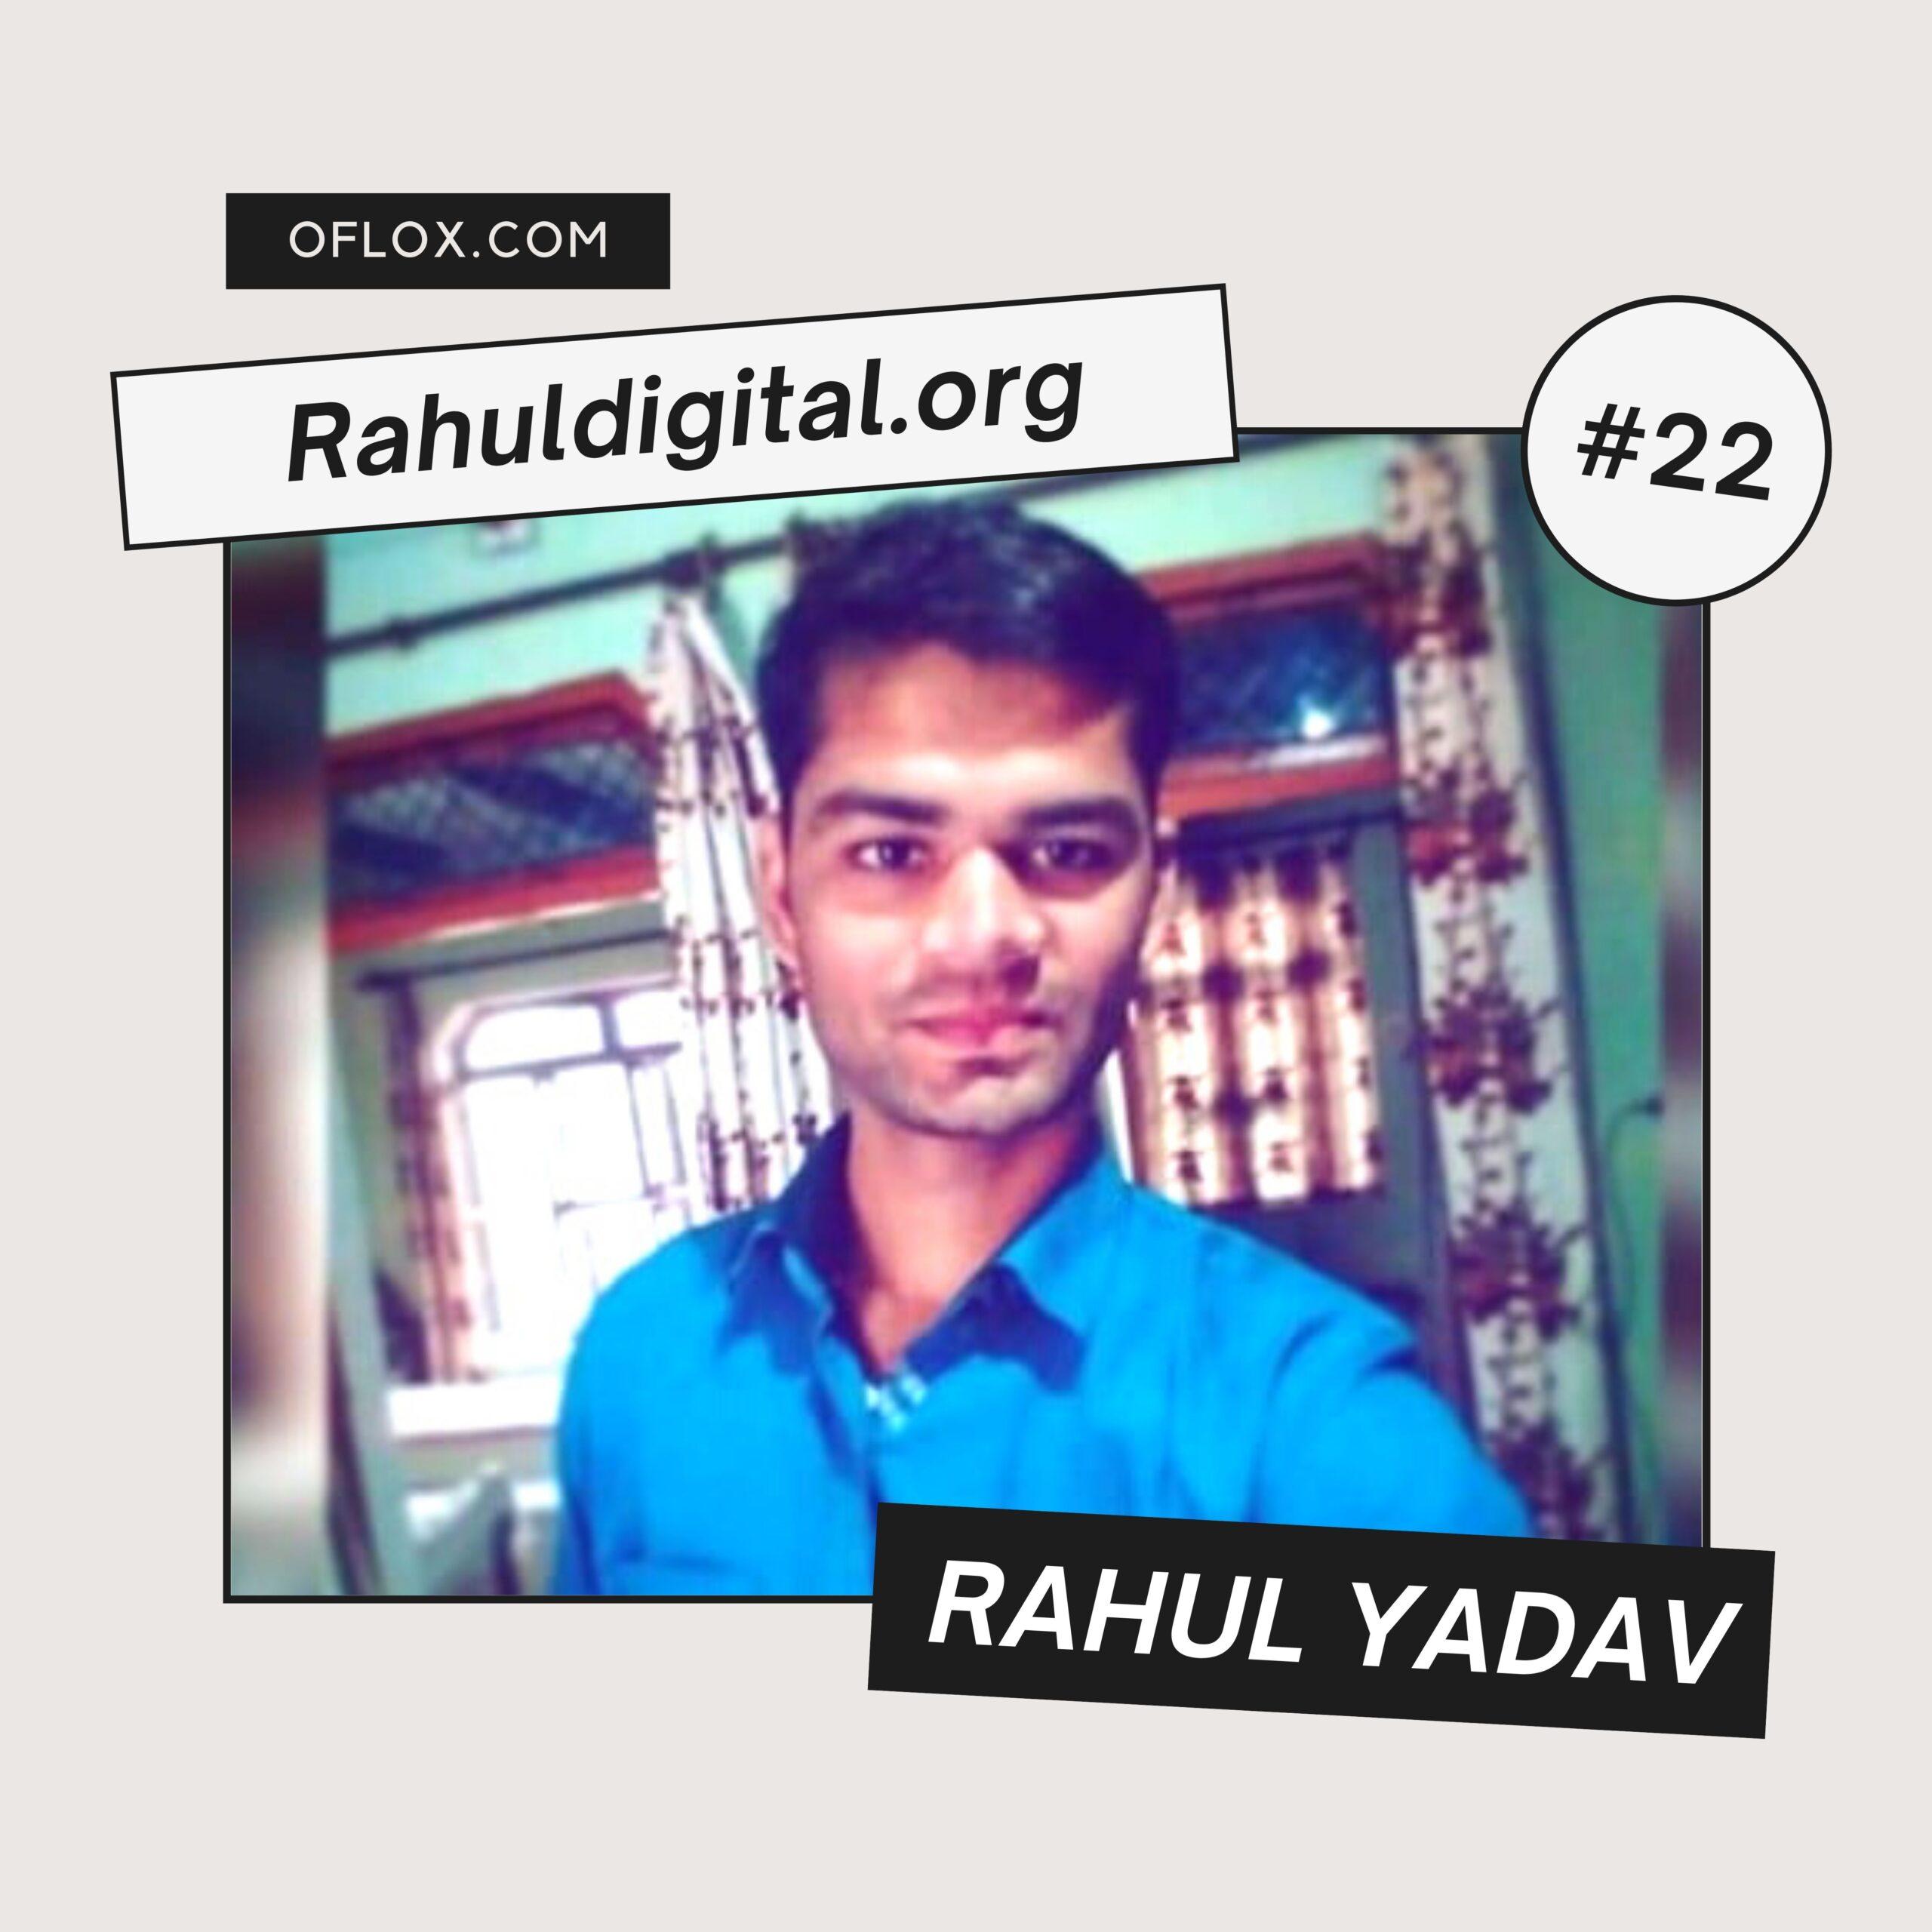 Rahul digital